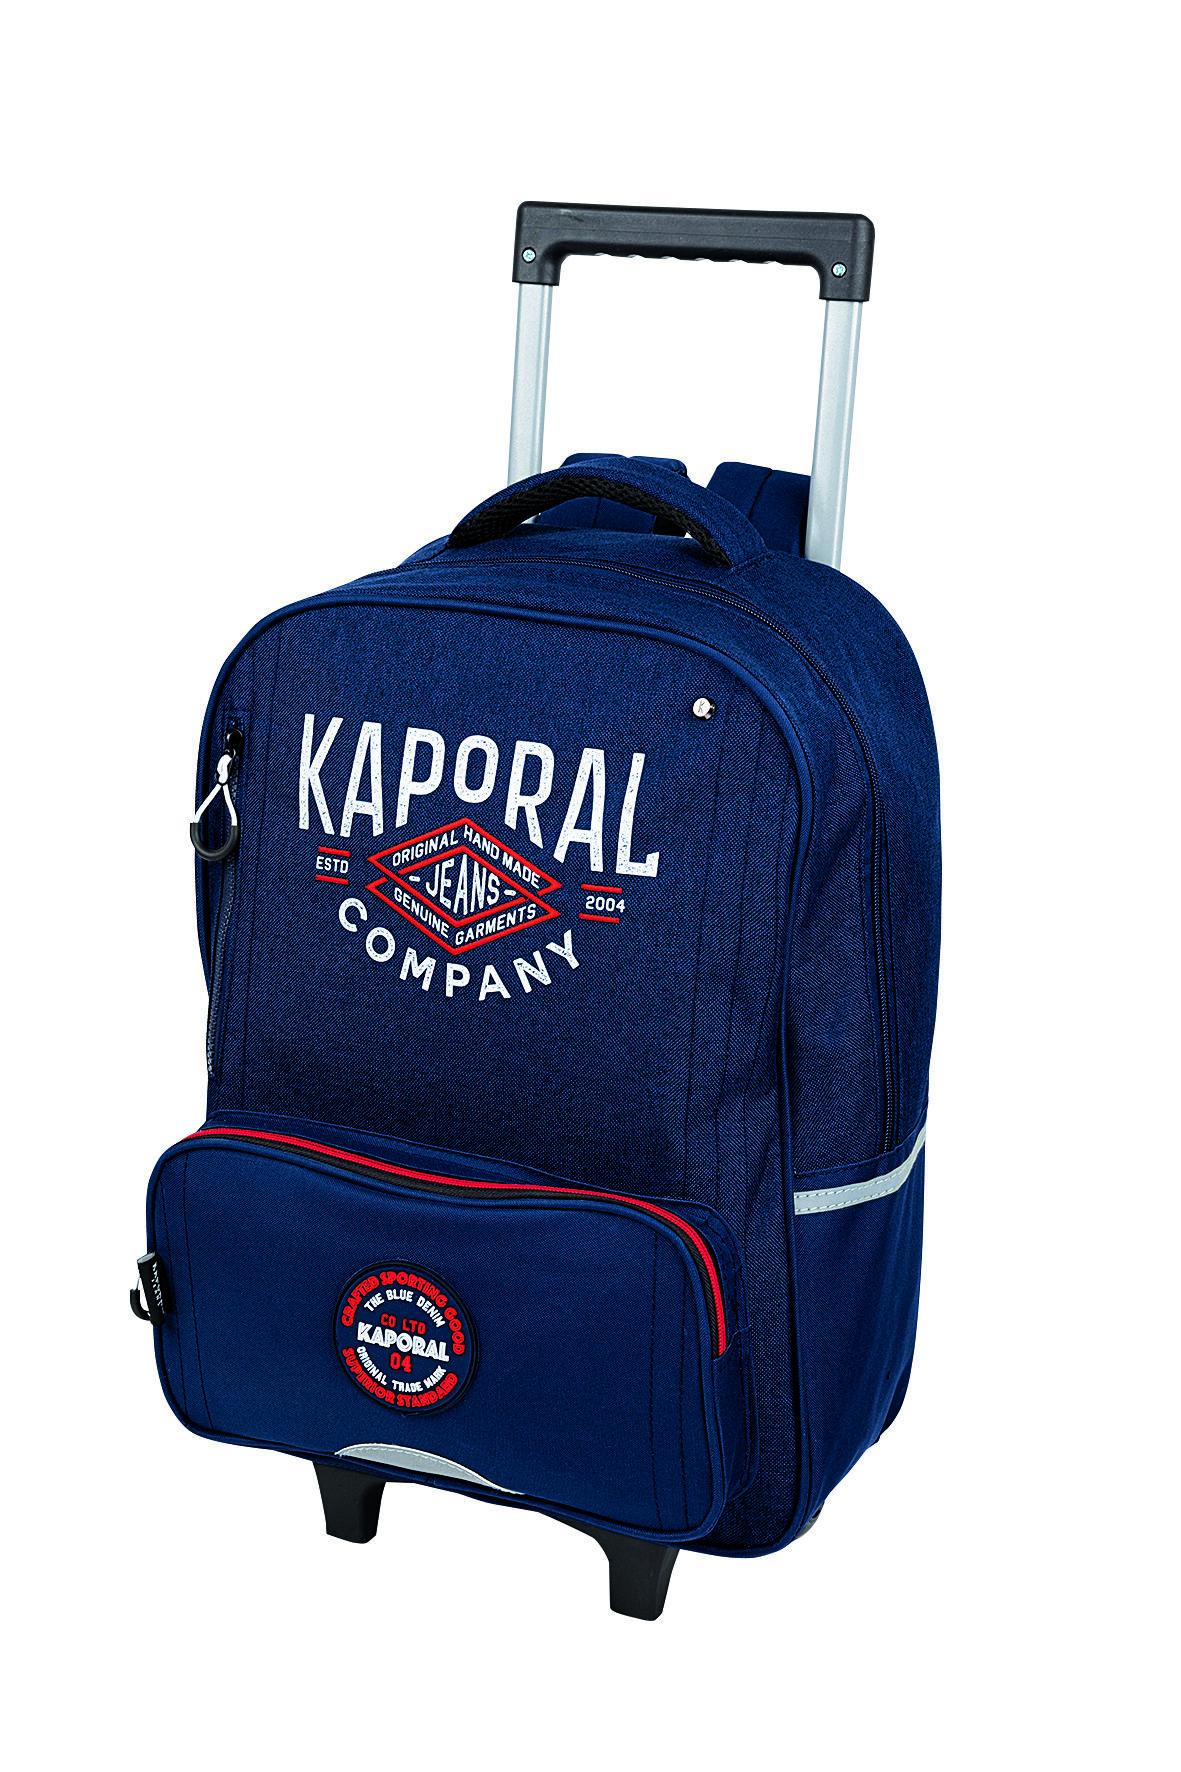 Kaporal Boy Primaire - Sac à dos à roulettes - Oberthur